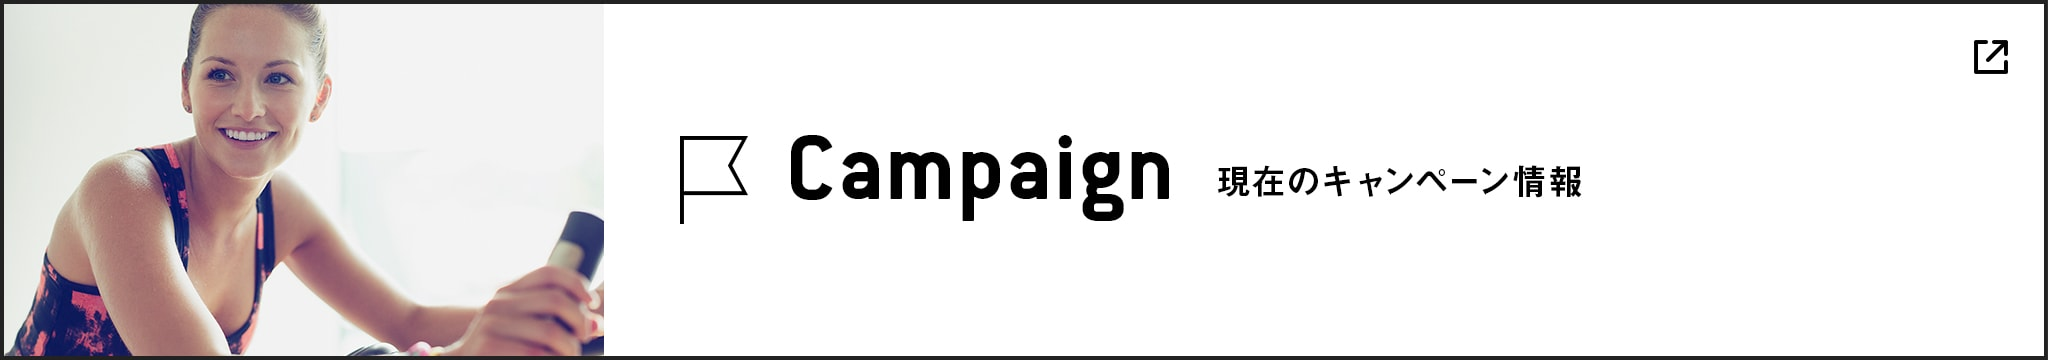 現在のキャンペーン情報